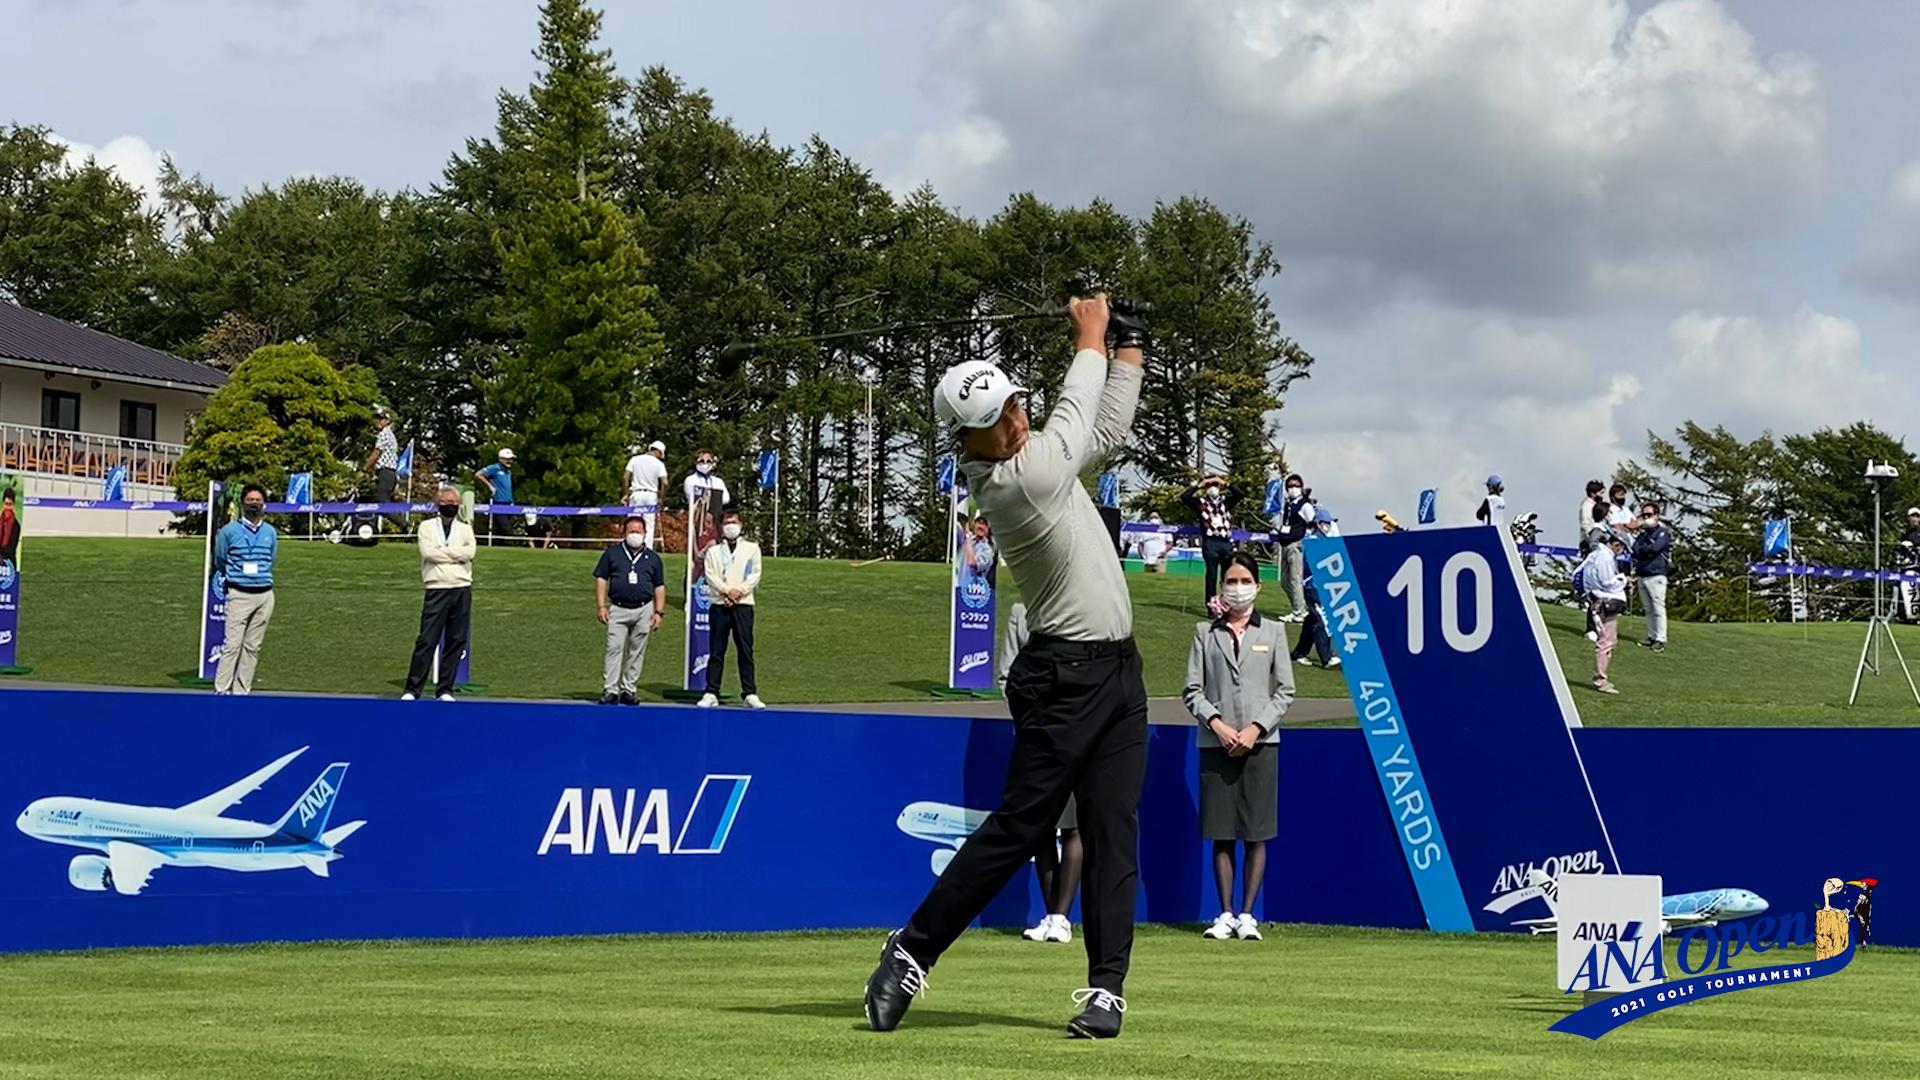 【男子ゴルフ】石川遼、木下稜介、S・ビンセントのスタートホールティショット!第47回ANAオープンゴルフトーナメント 1st Round